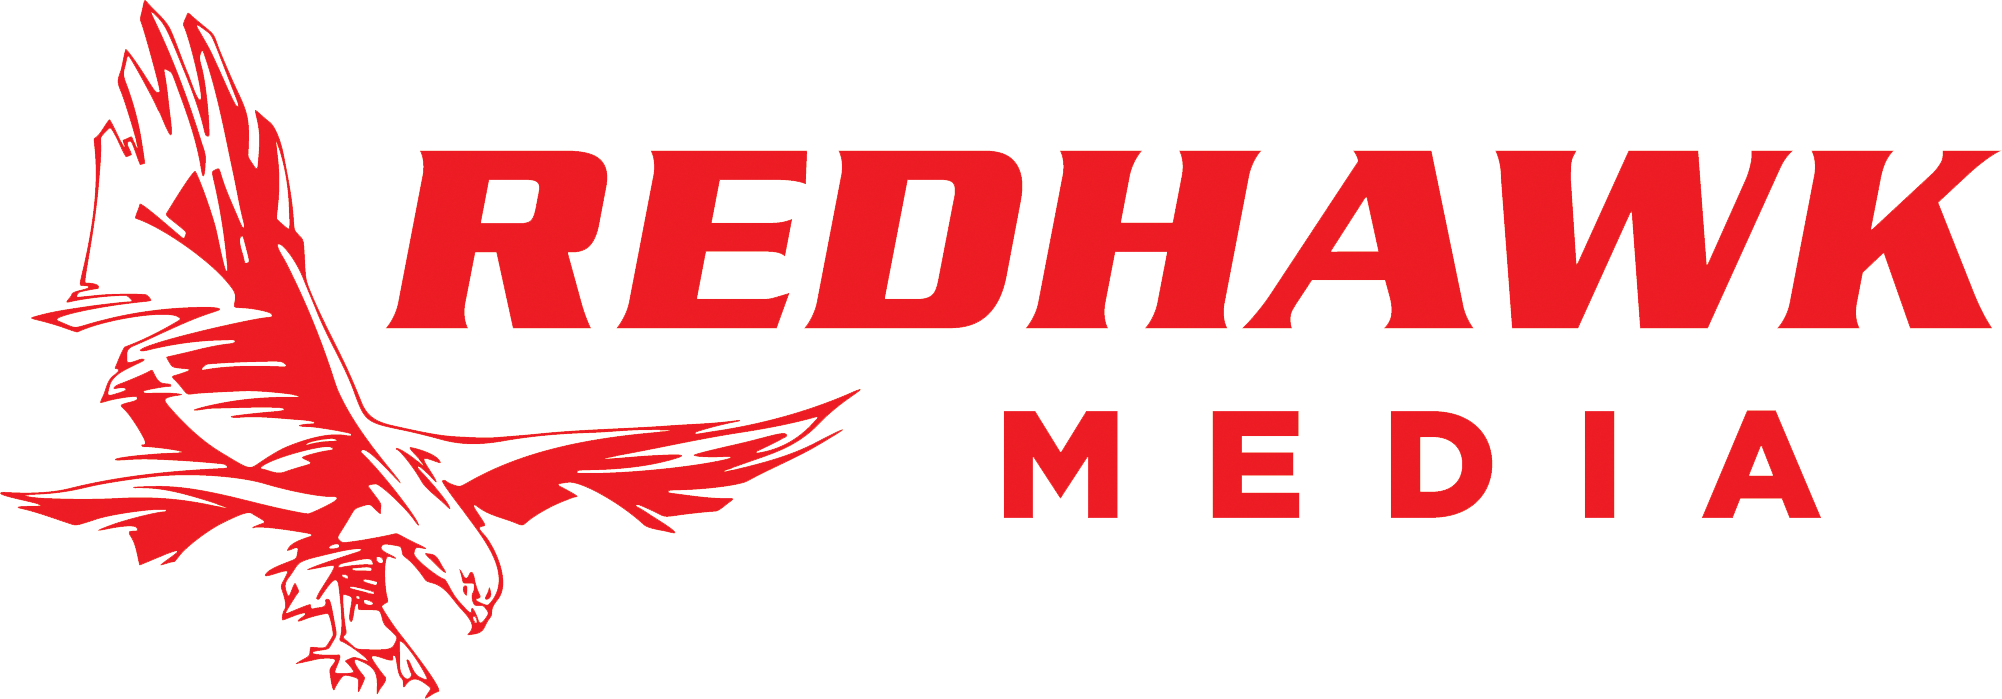 Redhawk Media